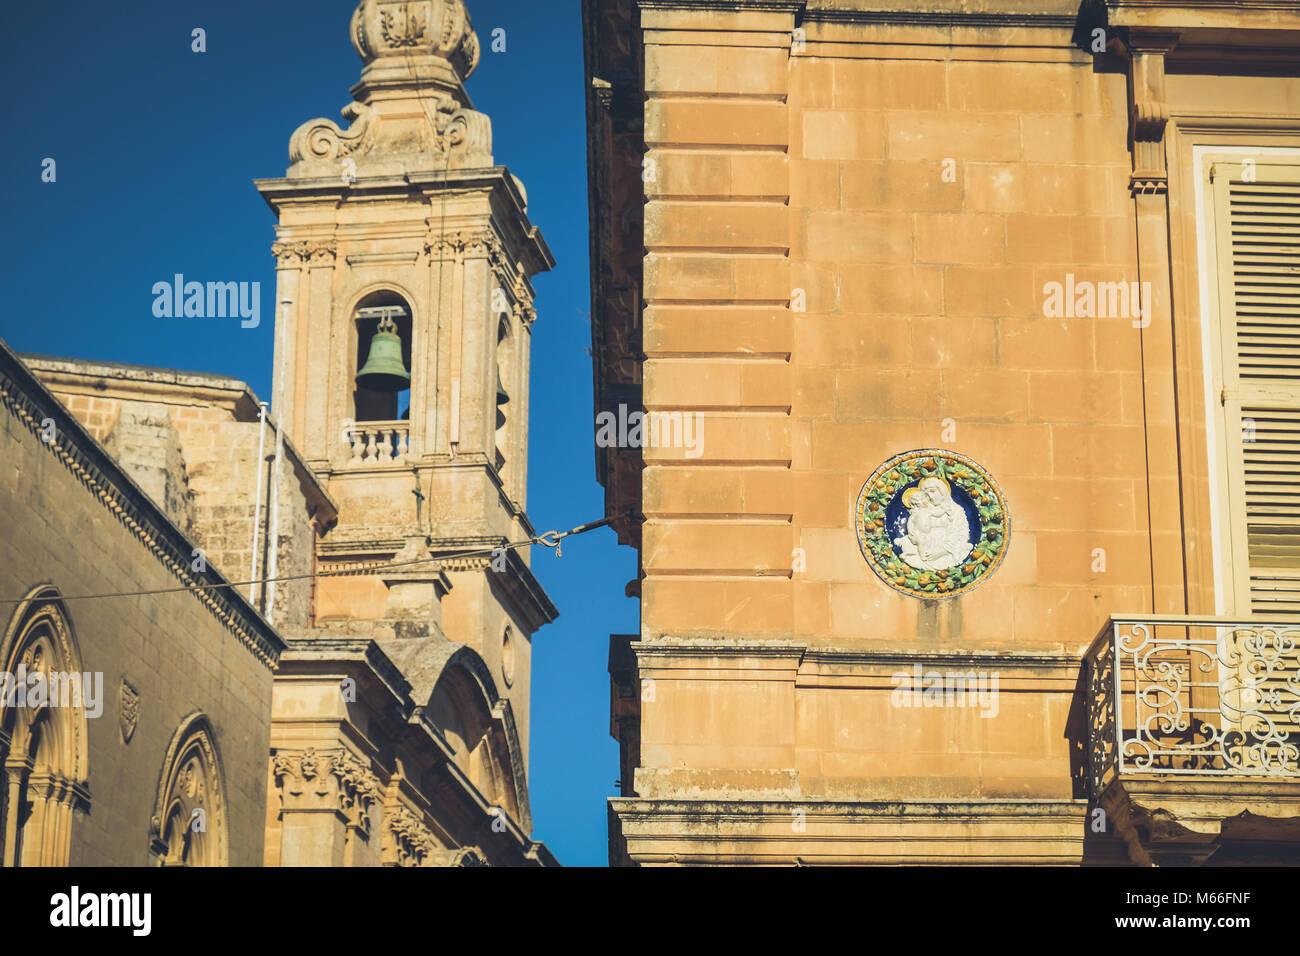 Tipica architettura maltese nella città di Mdina - Malta Immagini Stock